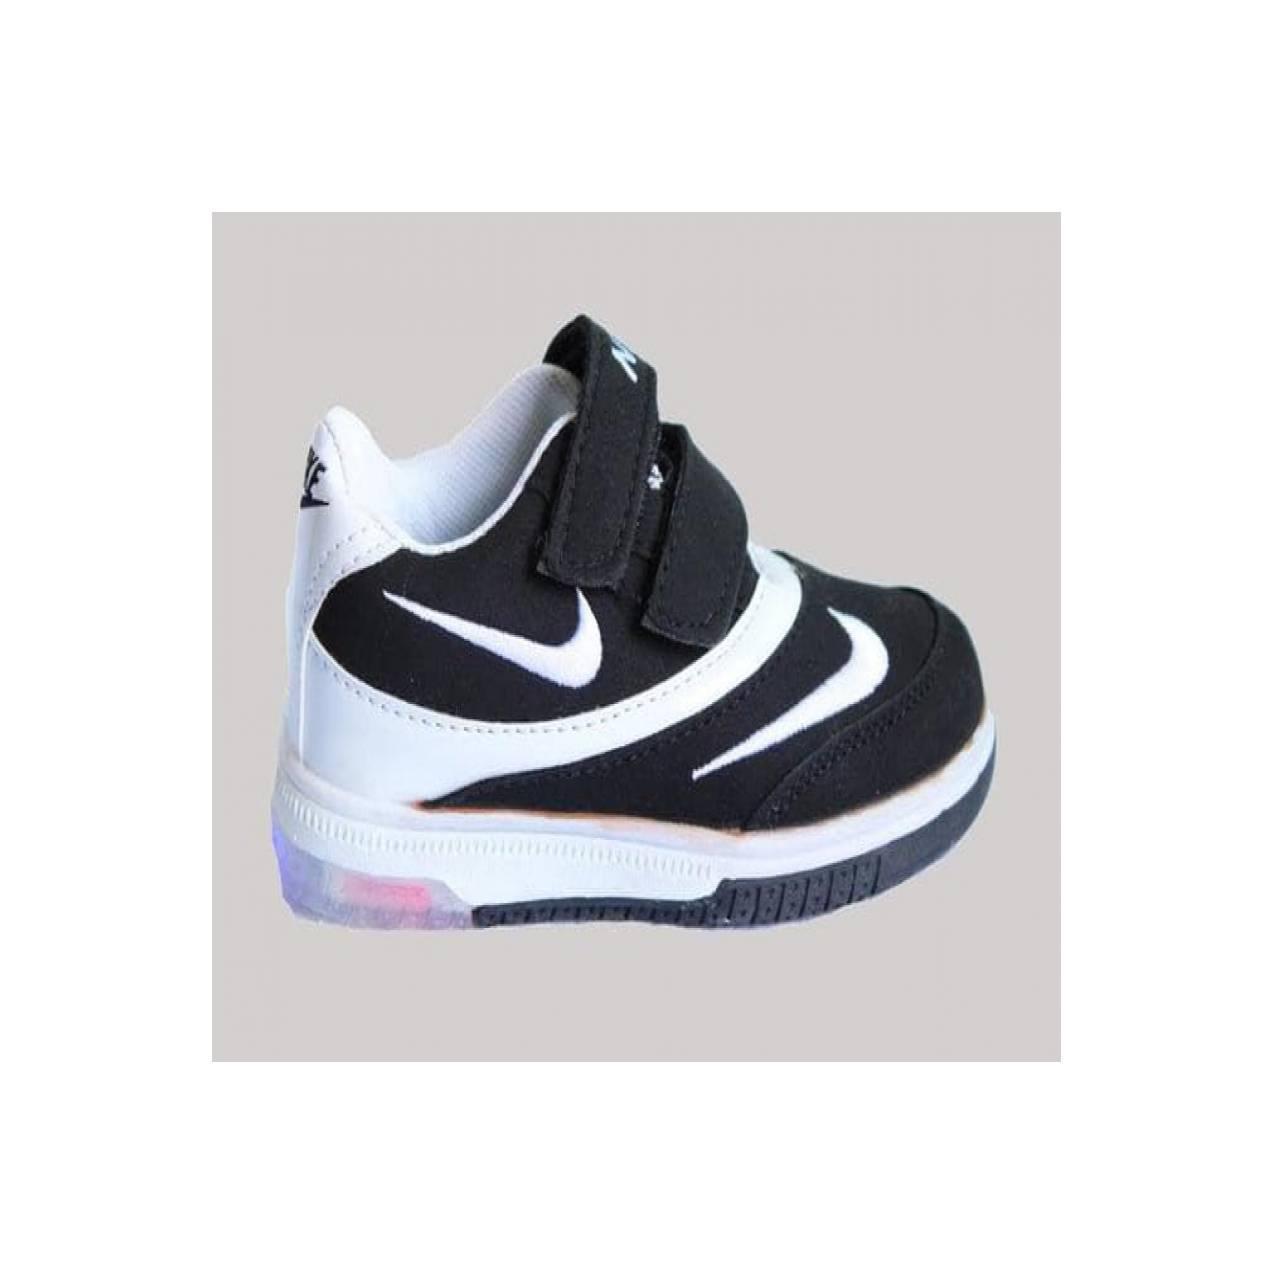 Info Harga Sepatu Led Nike Anak Termurah Oktober 2018 Terbaru Model Jaring Super Murah Light Nyala Double Black